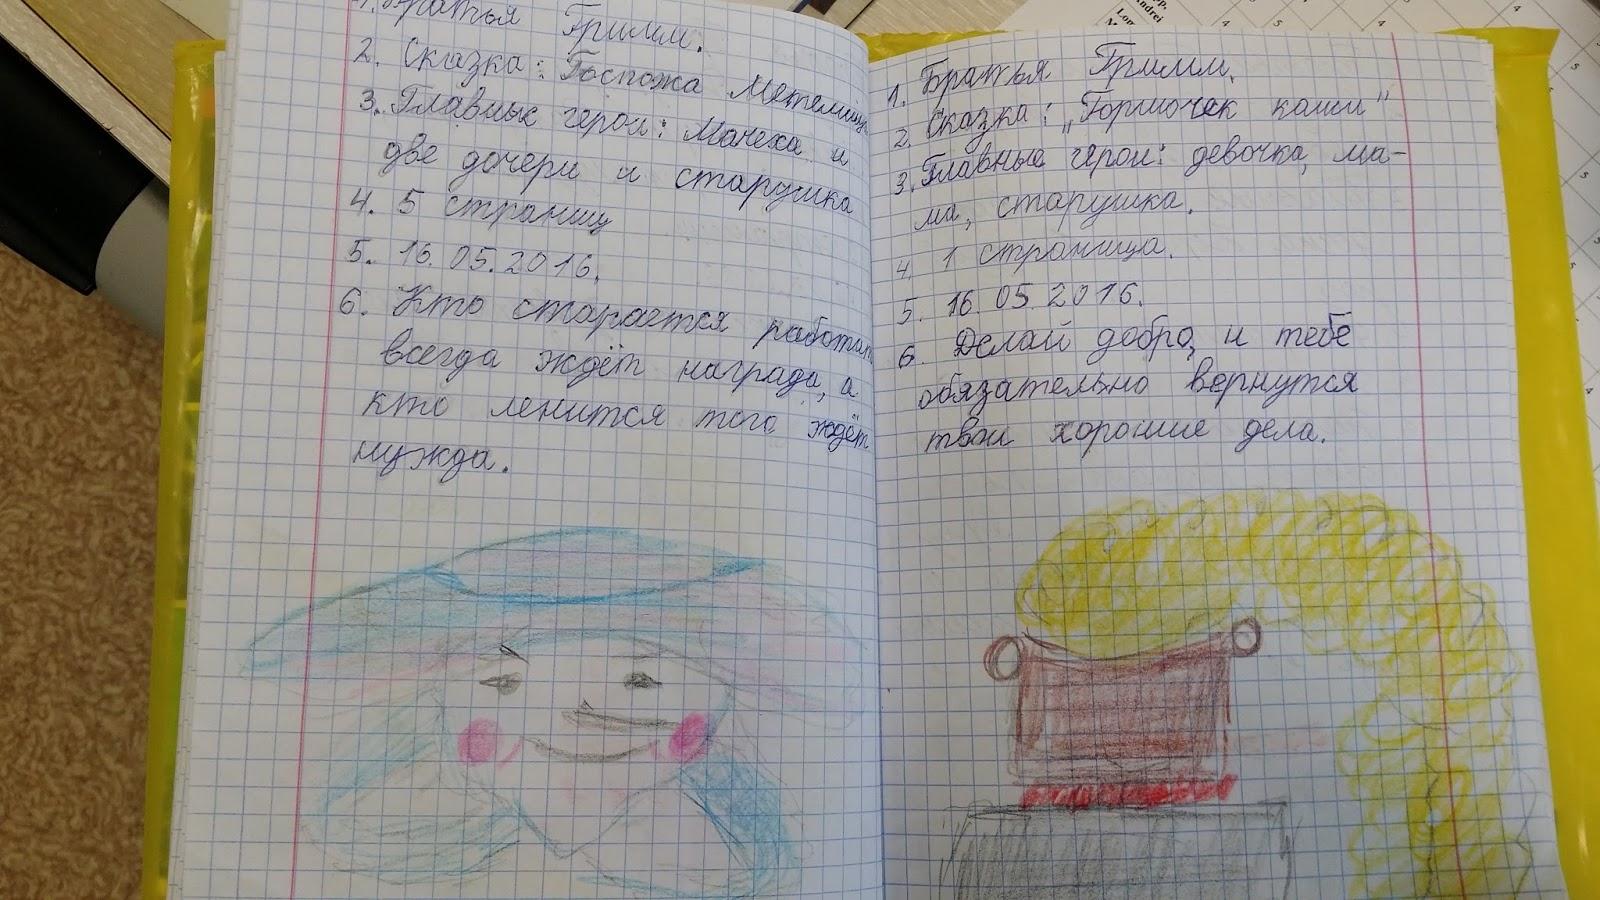 Как оформить читательский дневник – образец оформления и ведения (4-7 класс)